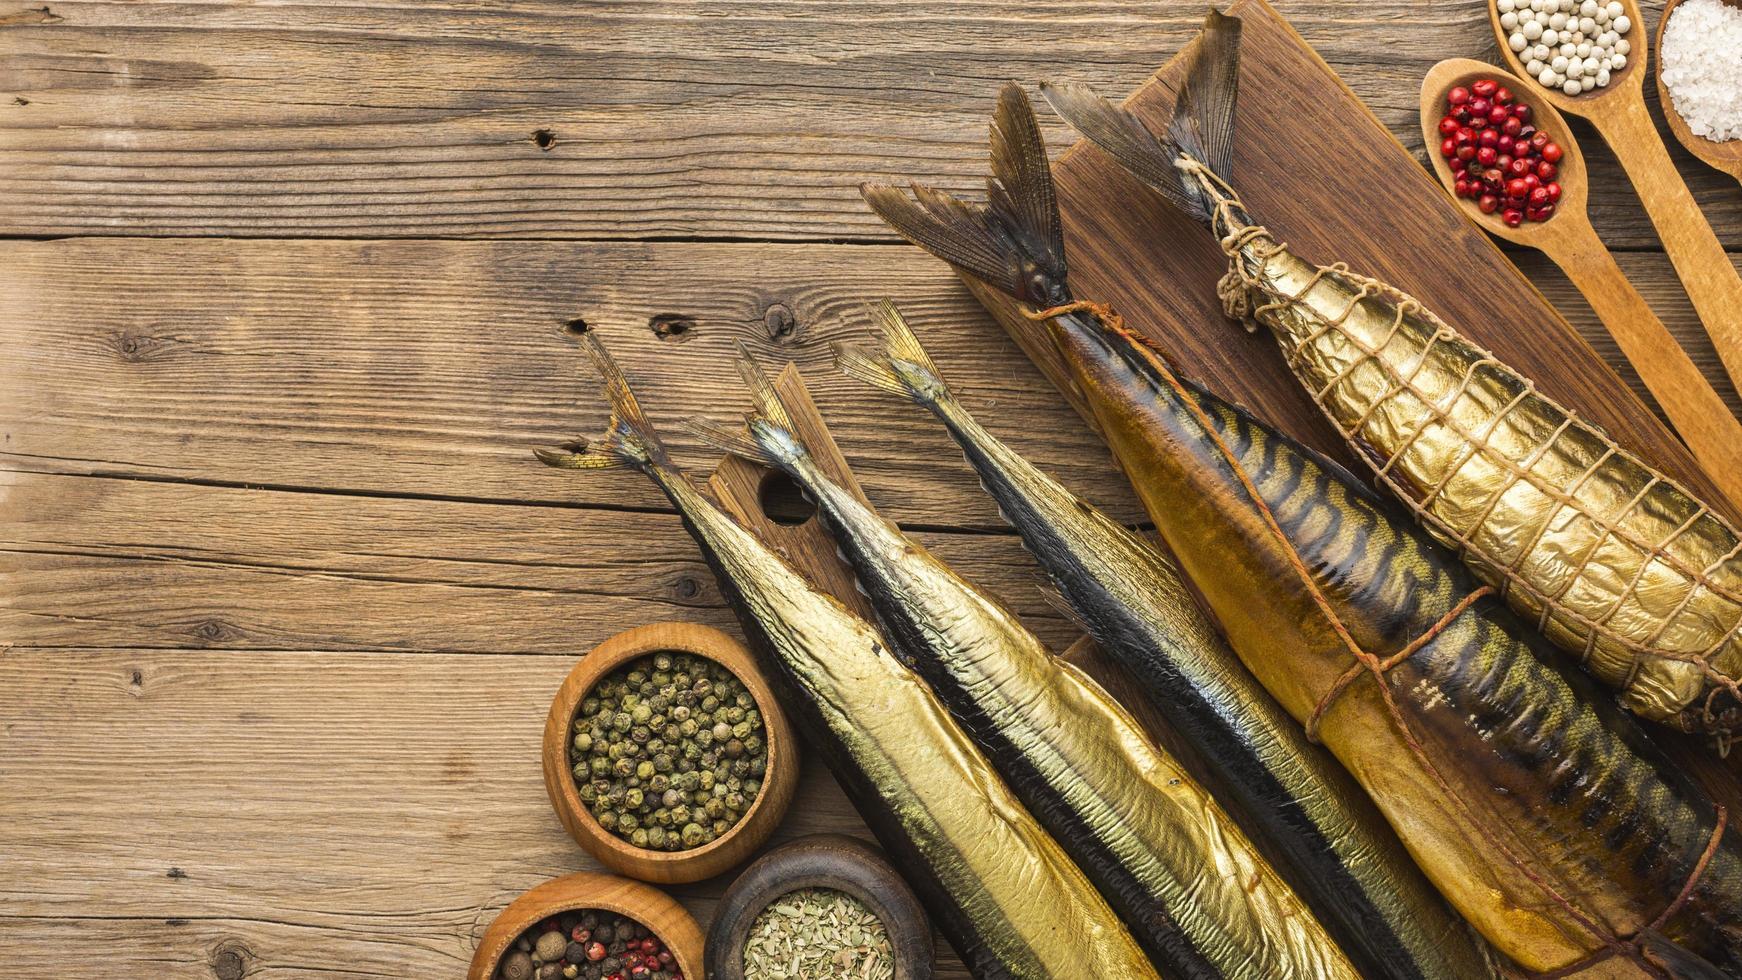 pescado ahumado en madera foto